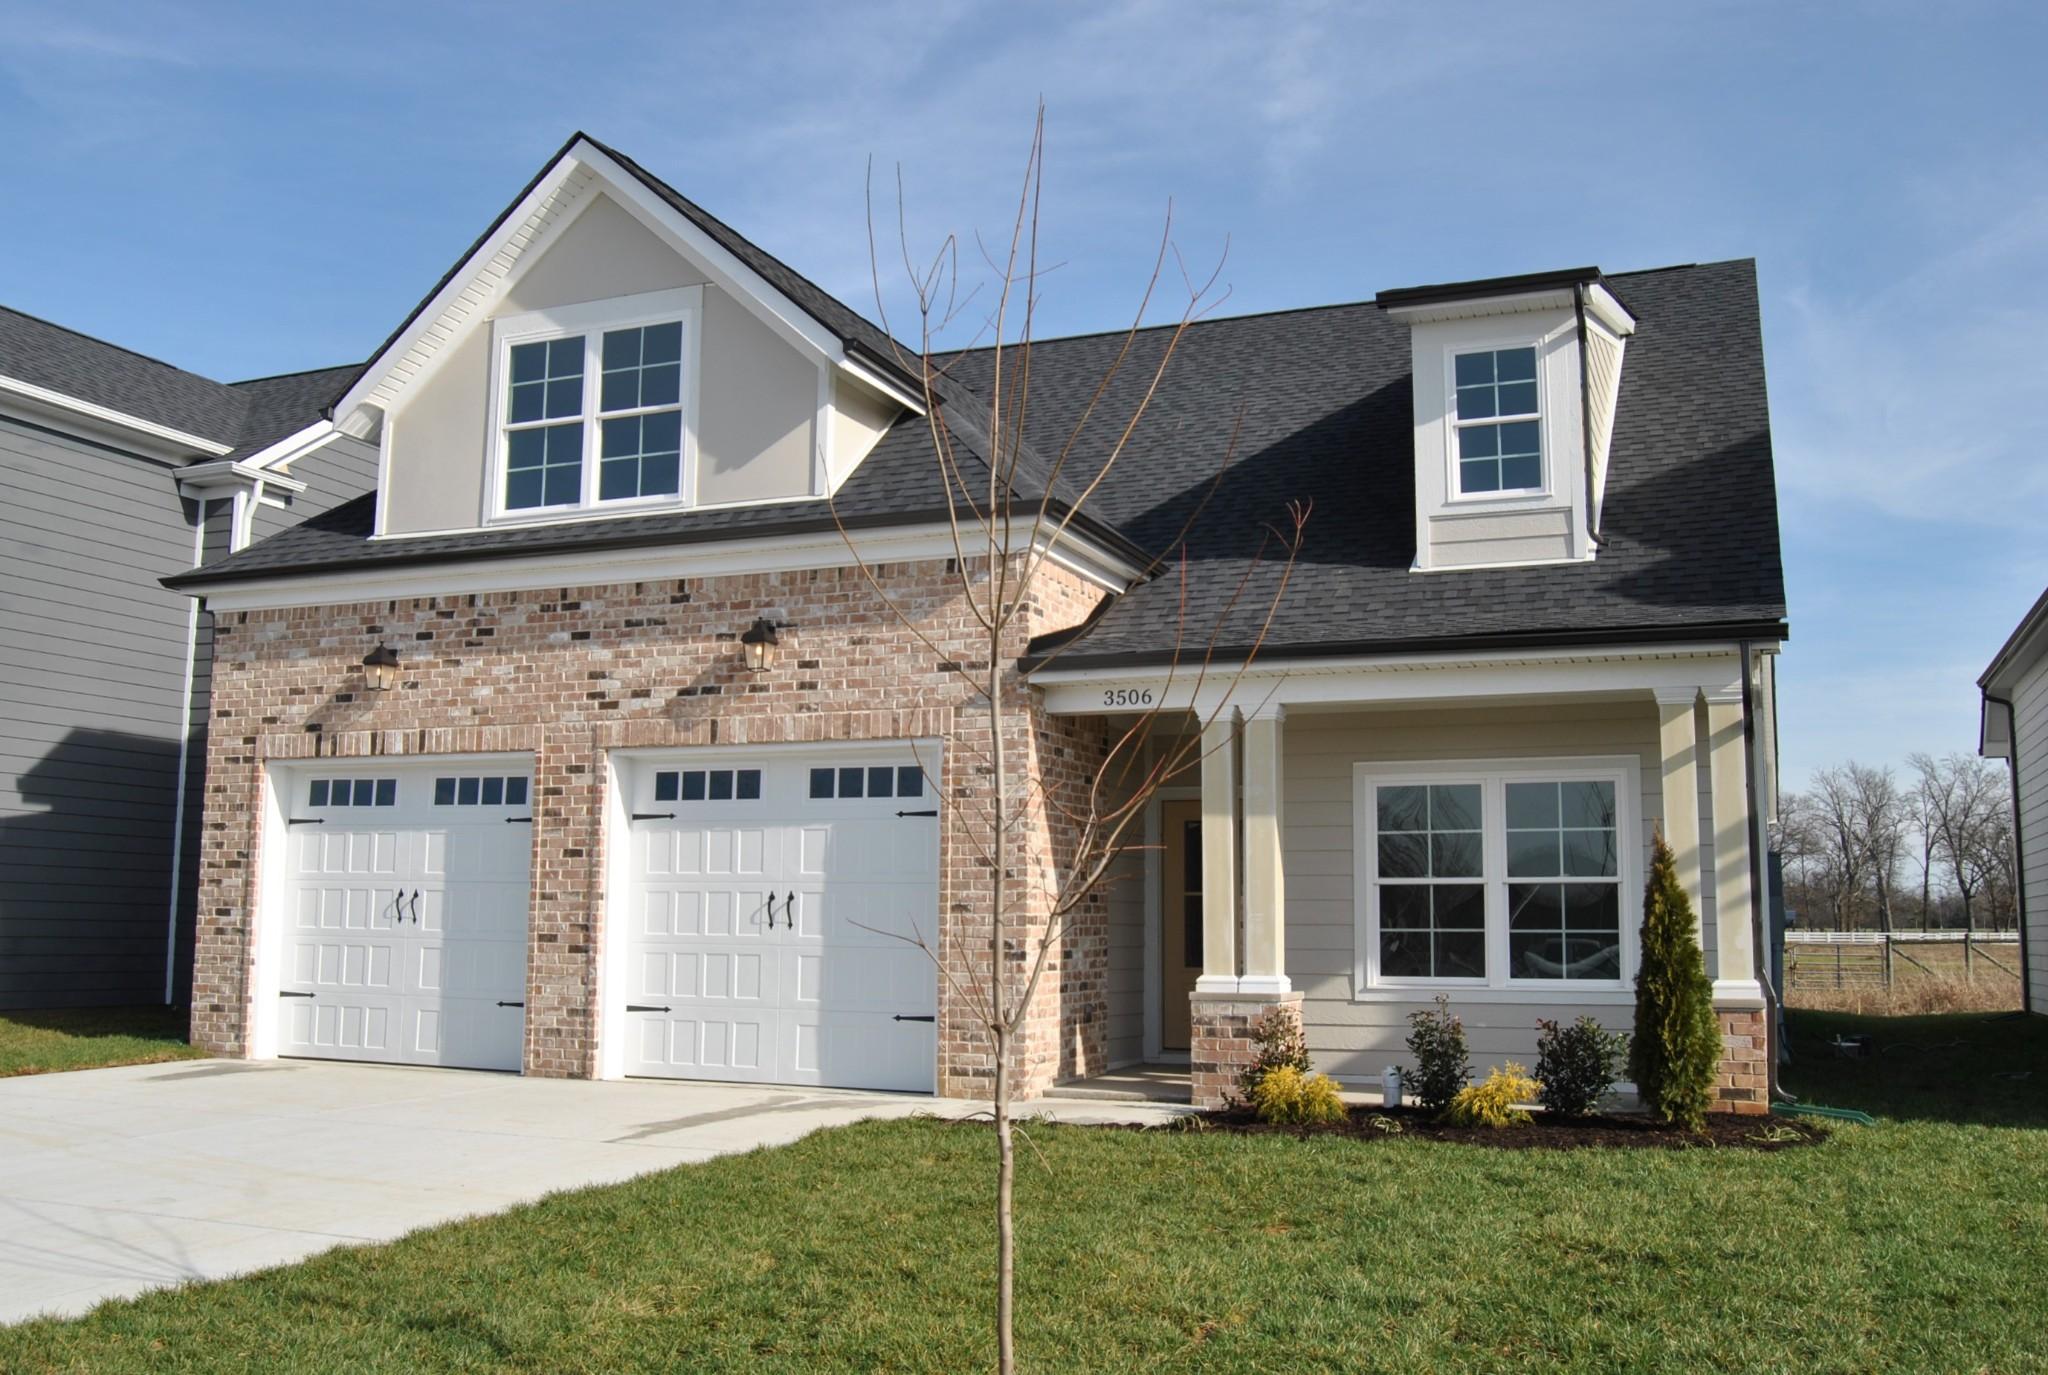 3506 Caroline Farms Drive, Murfreesboro, TN 37129 - Murfreesboro, TN real estate listing